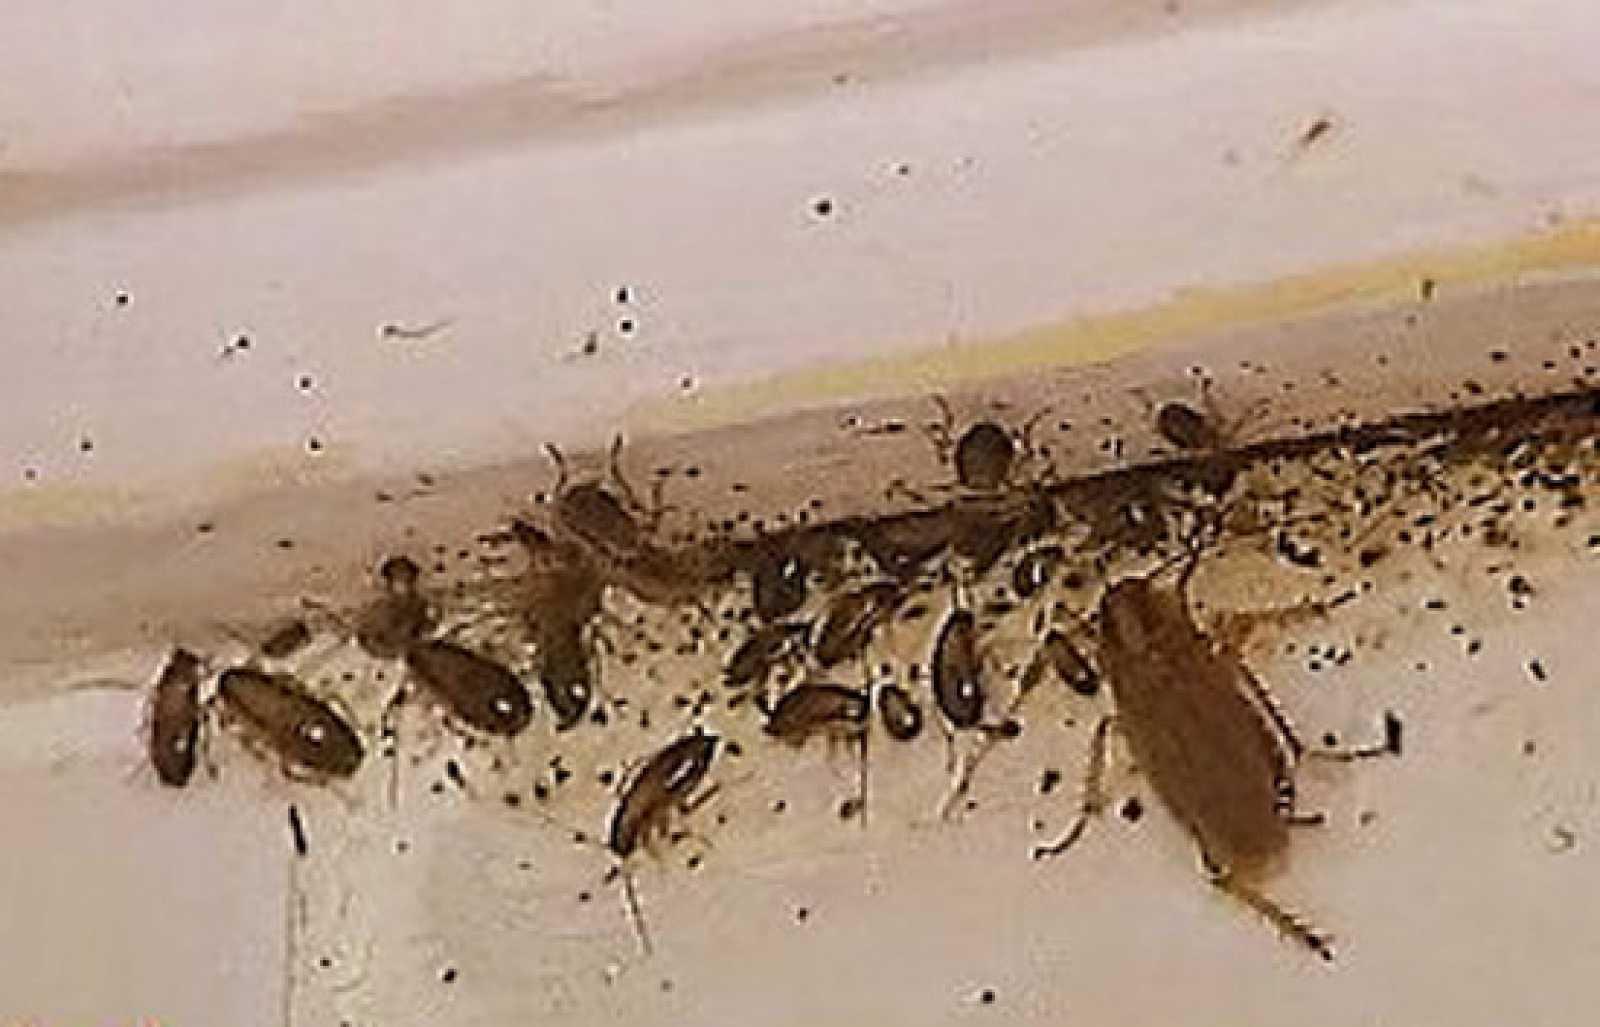 Espa a directo infestados de cucarachas - Bichos en casa por humedad ...